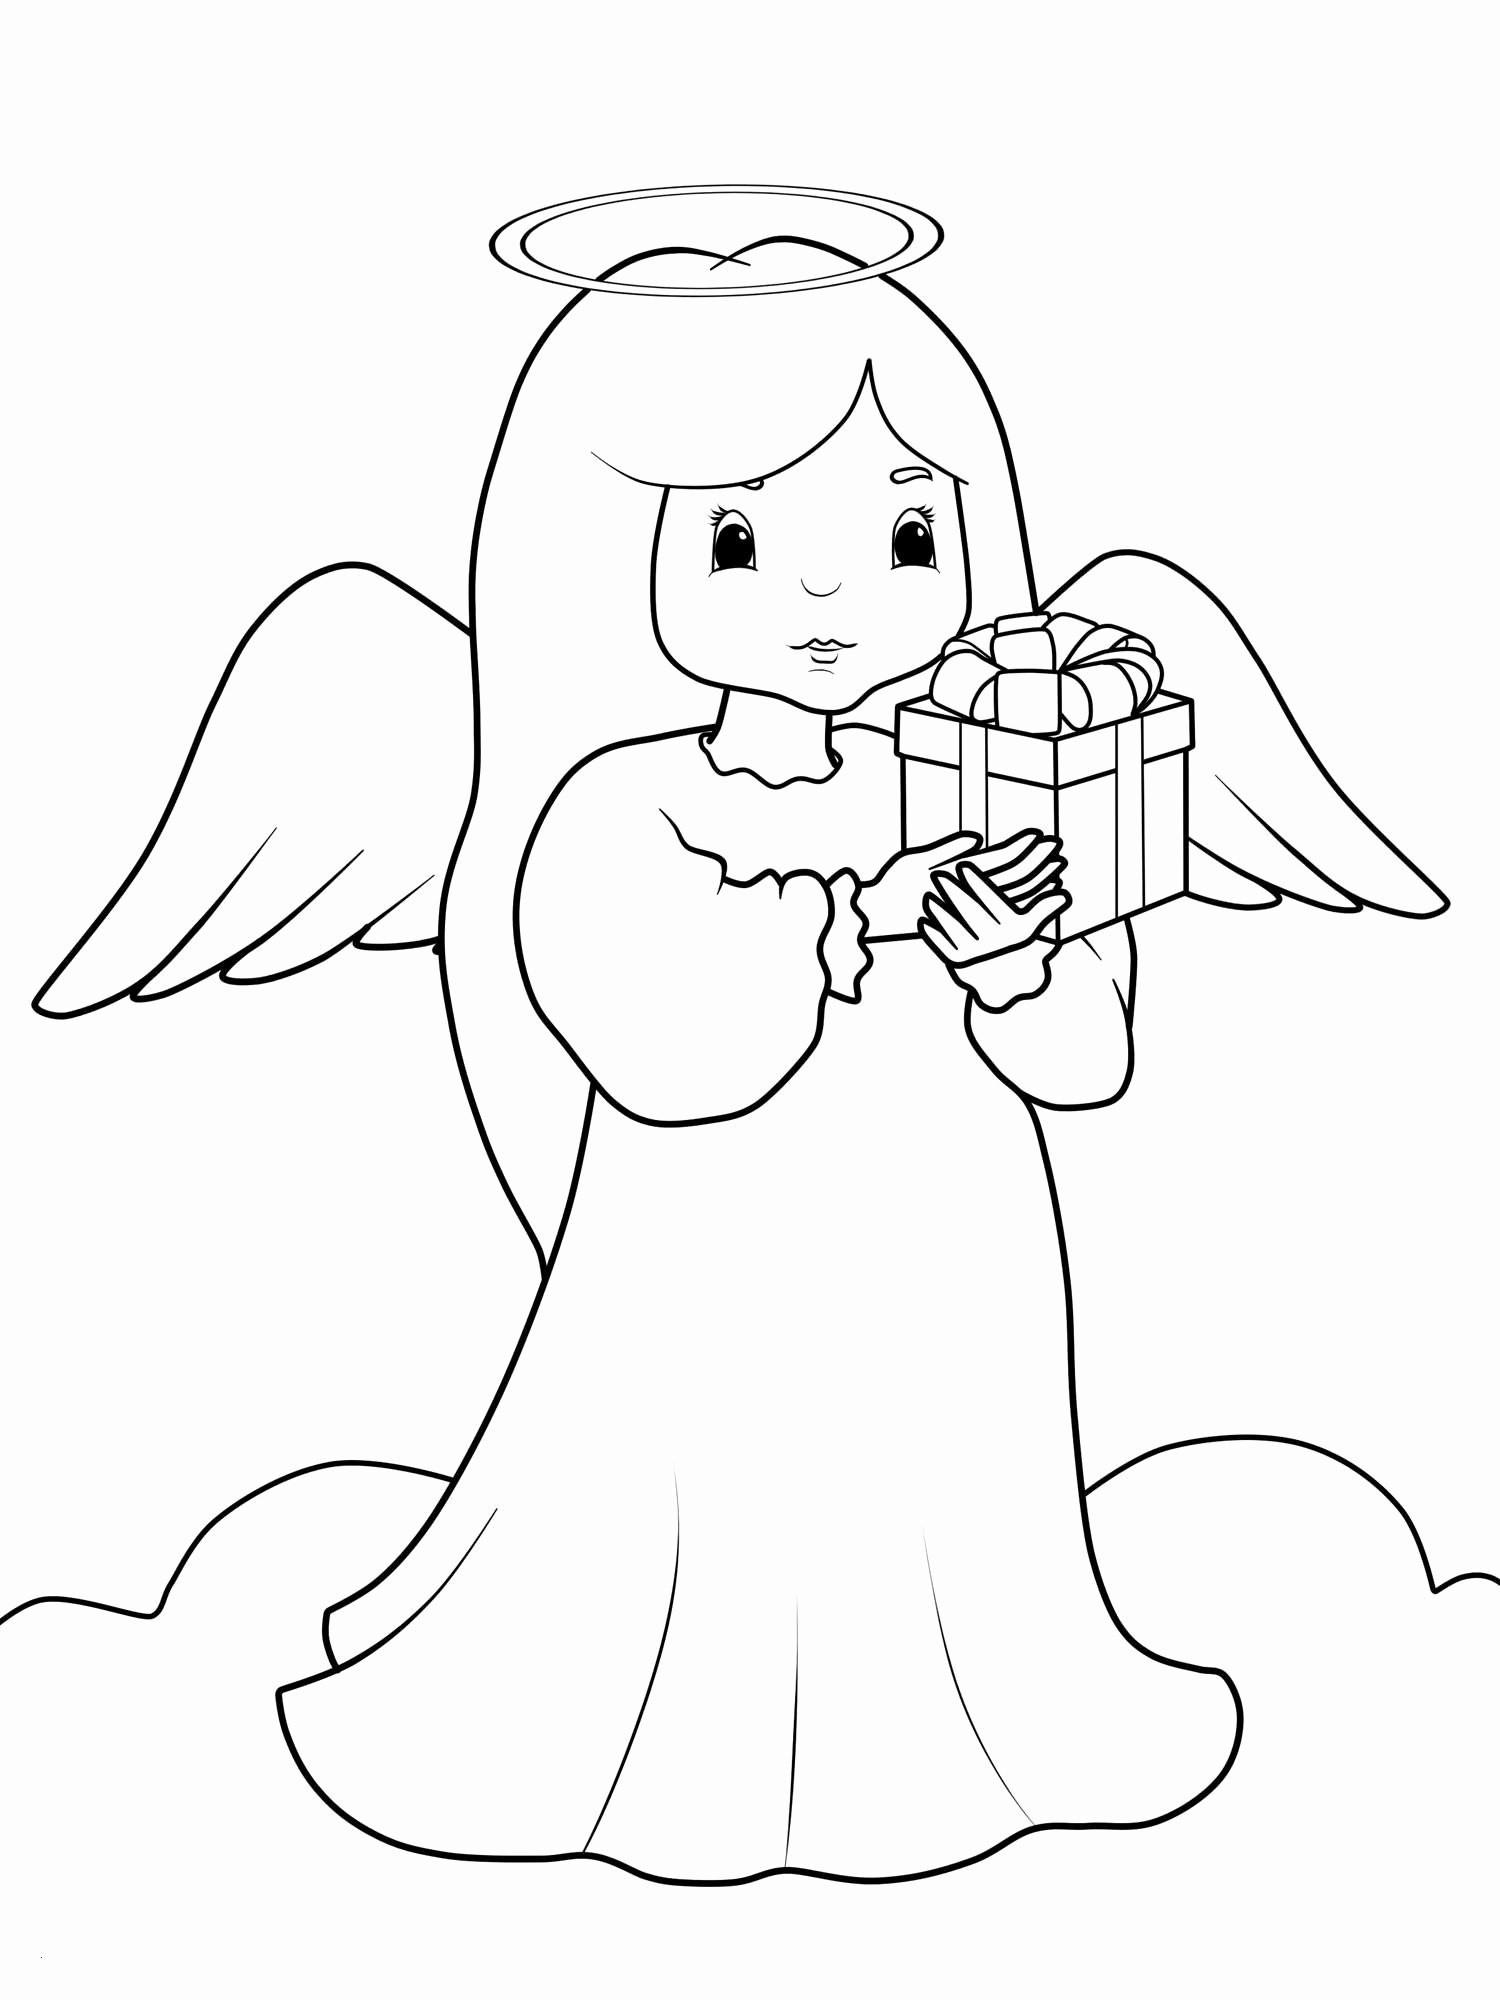 Ausmalbilder Weihnachten Engel Kostenlos Inspirierend Engel Bilder Zum Ausmalen Und Ausdrucken Engel Ausmalbilder Fotos